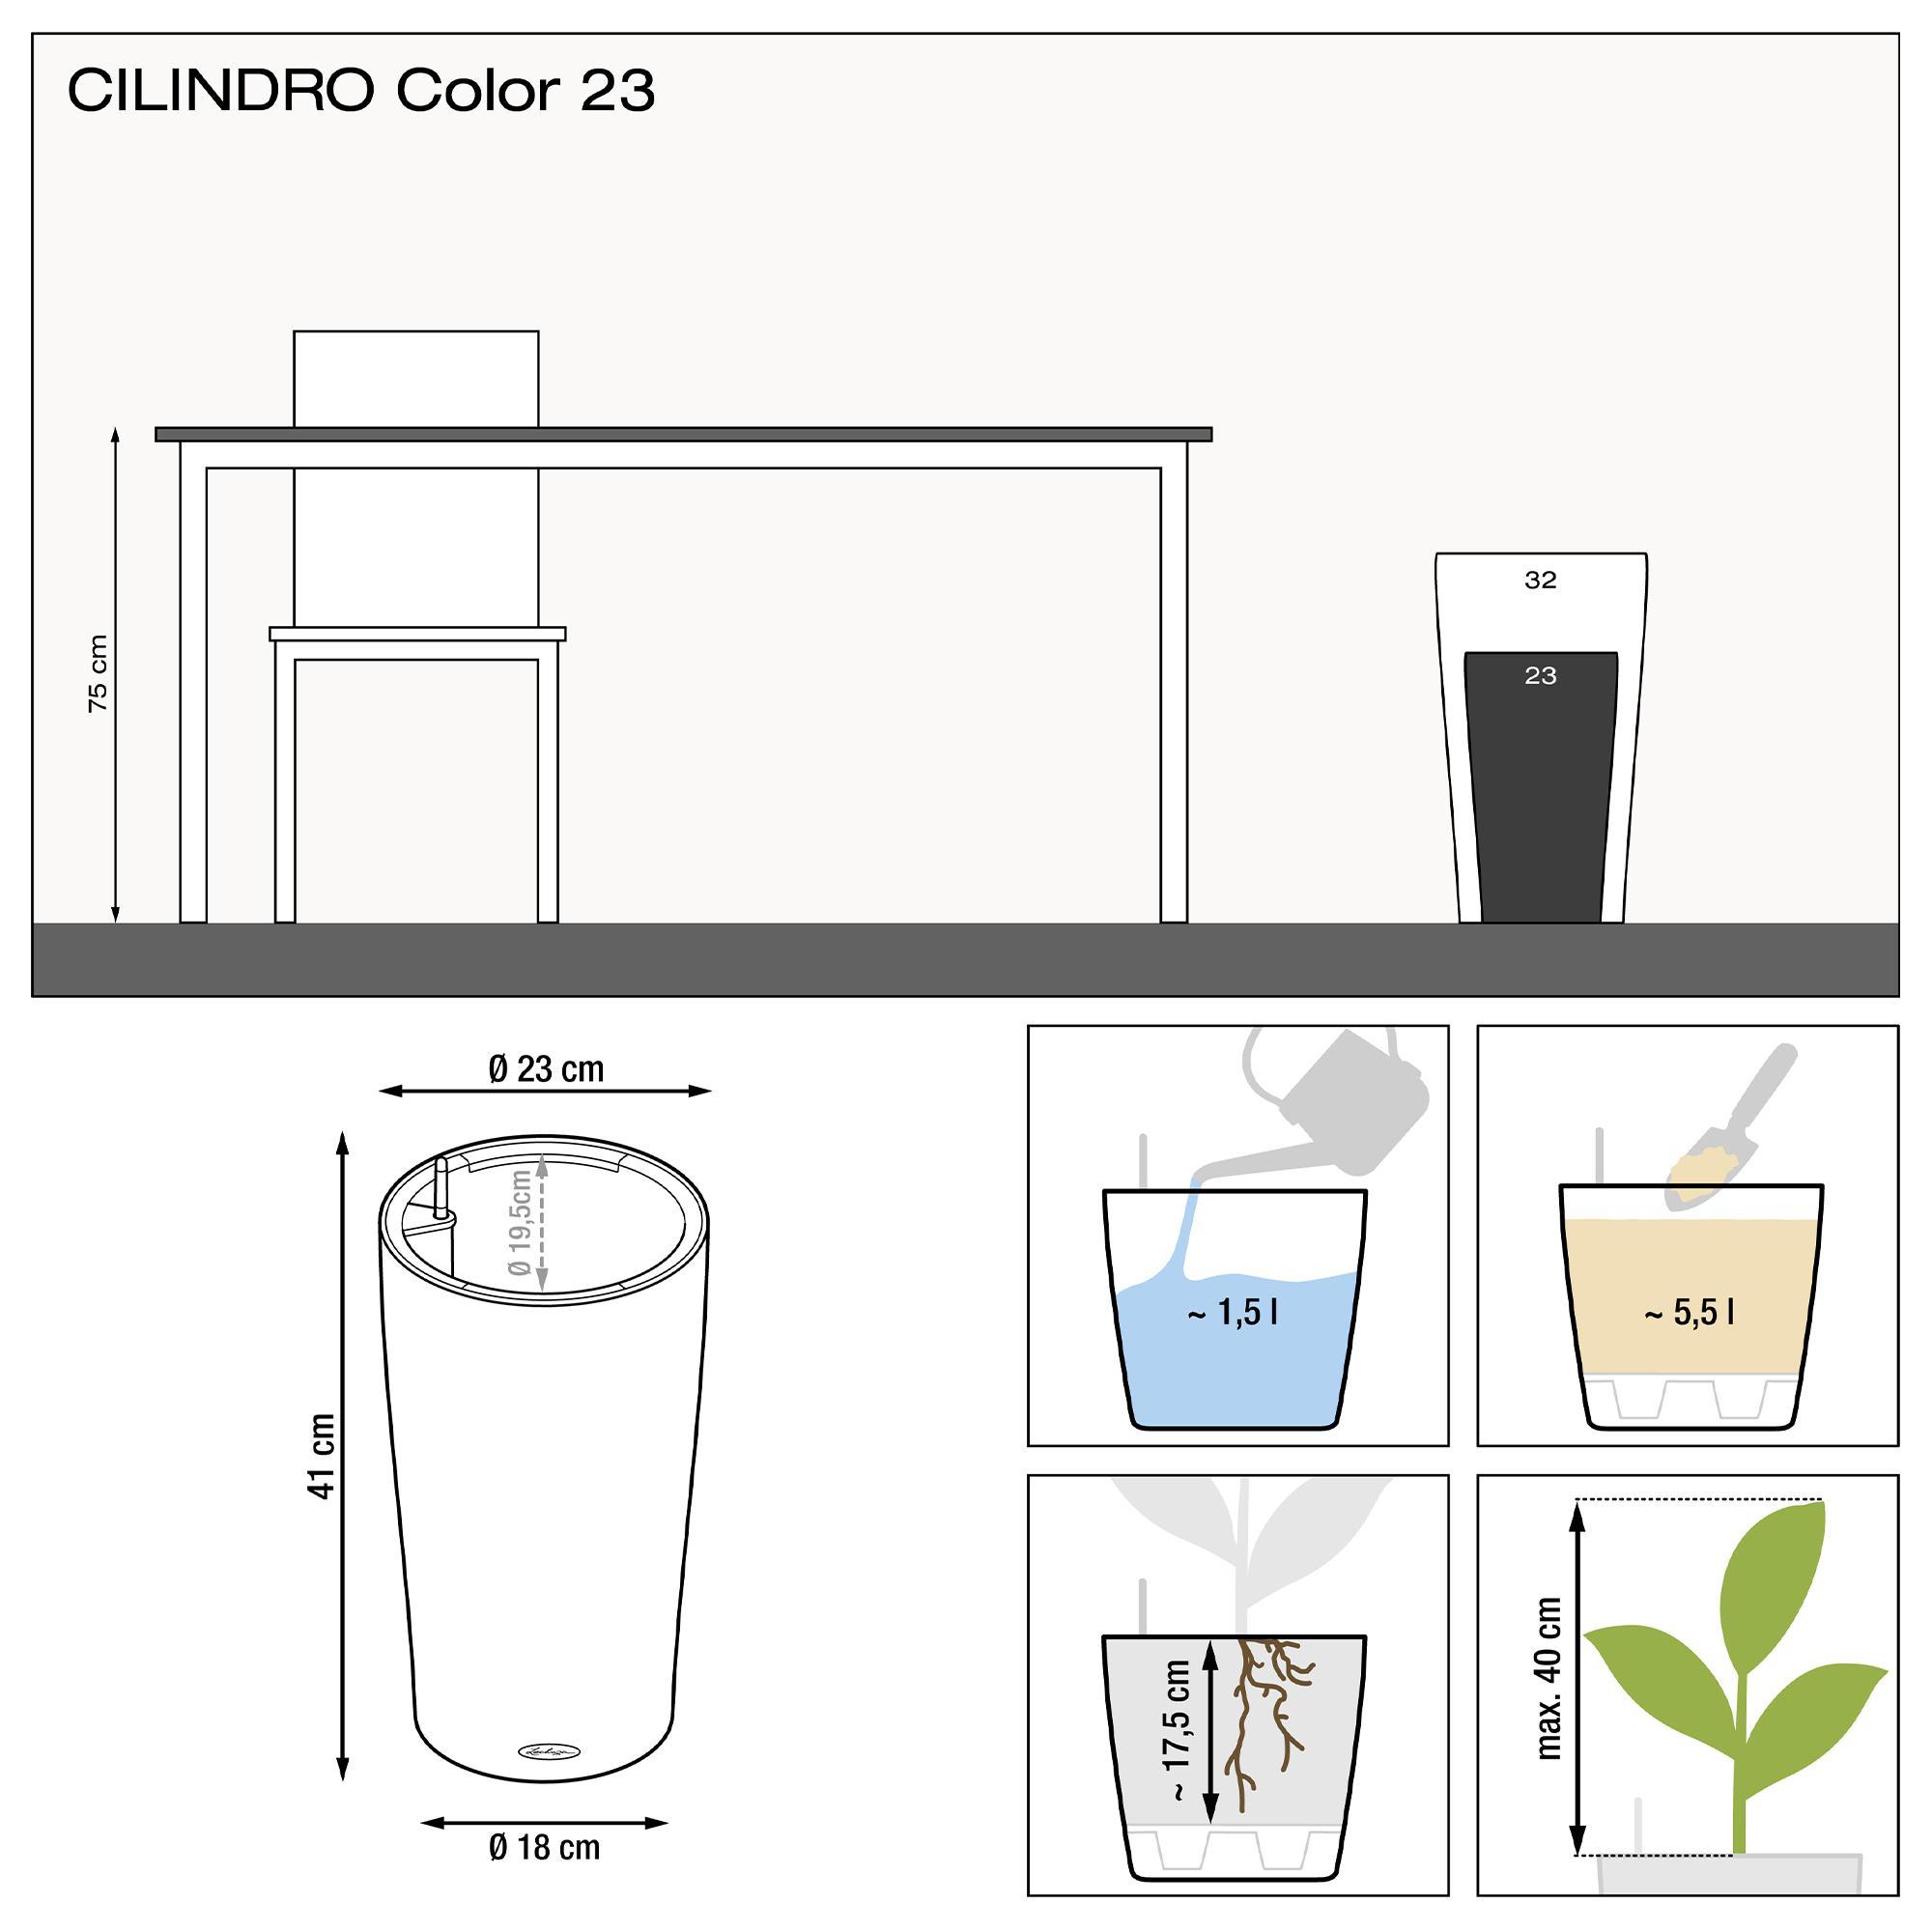 CILINDRO Color 23 blanco - Imagen 3